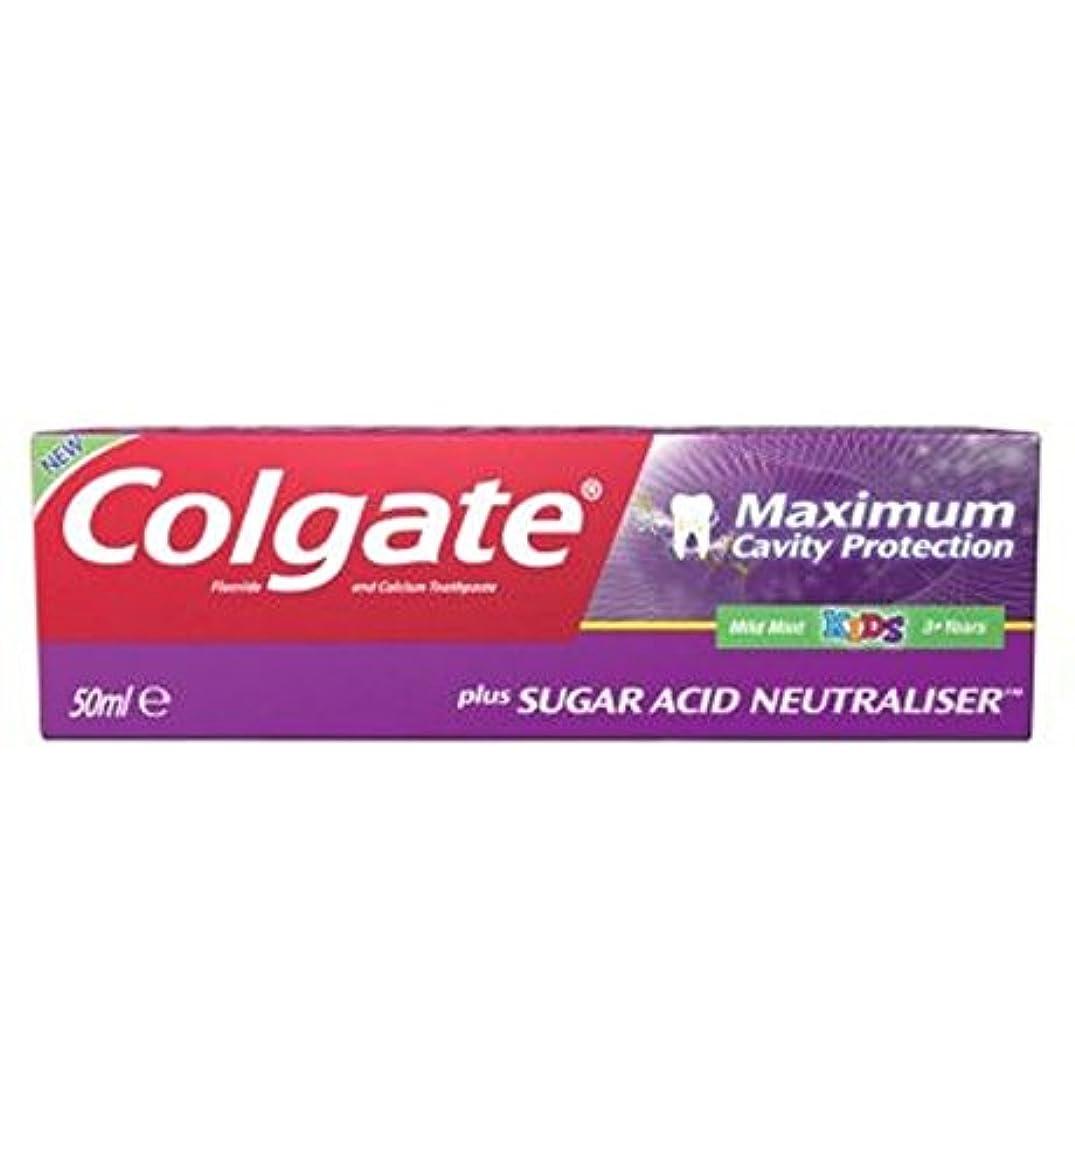 暗殺人種変位コルゲート最大空洞の保護に加えて、糖酸中和剤の子供の歯磨き粉50ミリリットル (Colgate) (x2) - Colgate Maximum Cavity Protection plus Sugar Acid Neutraliser...